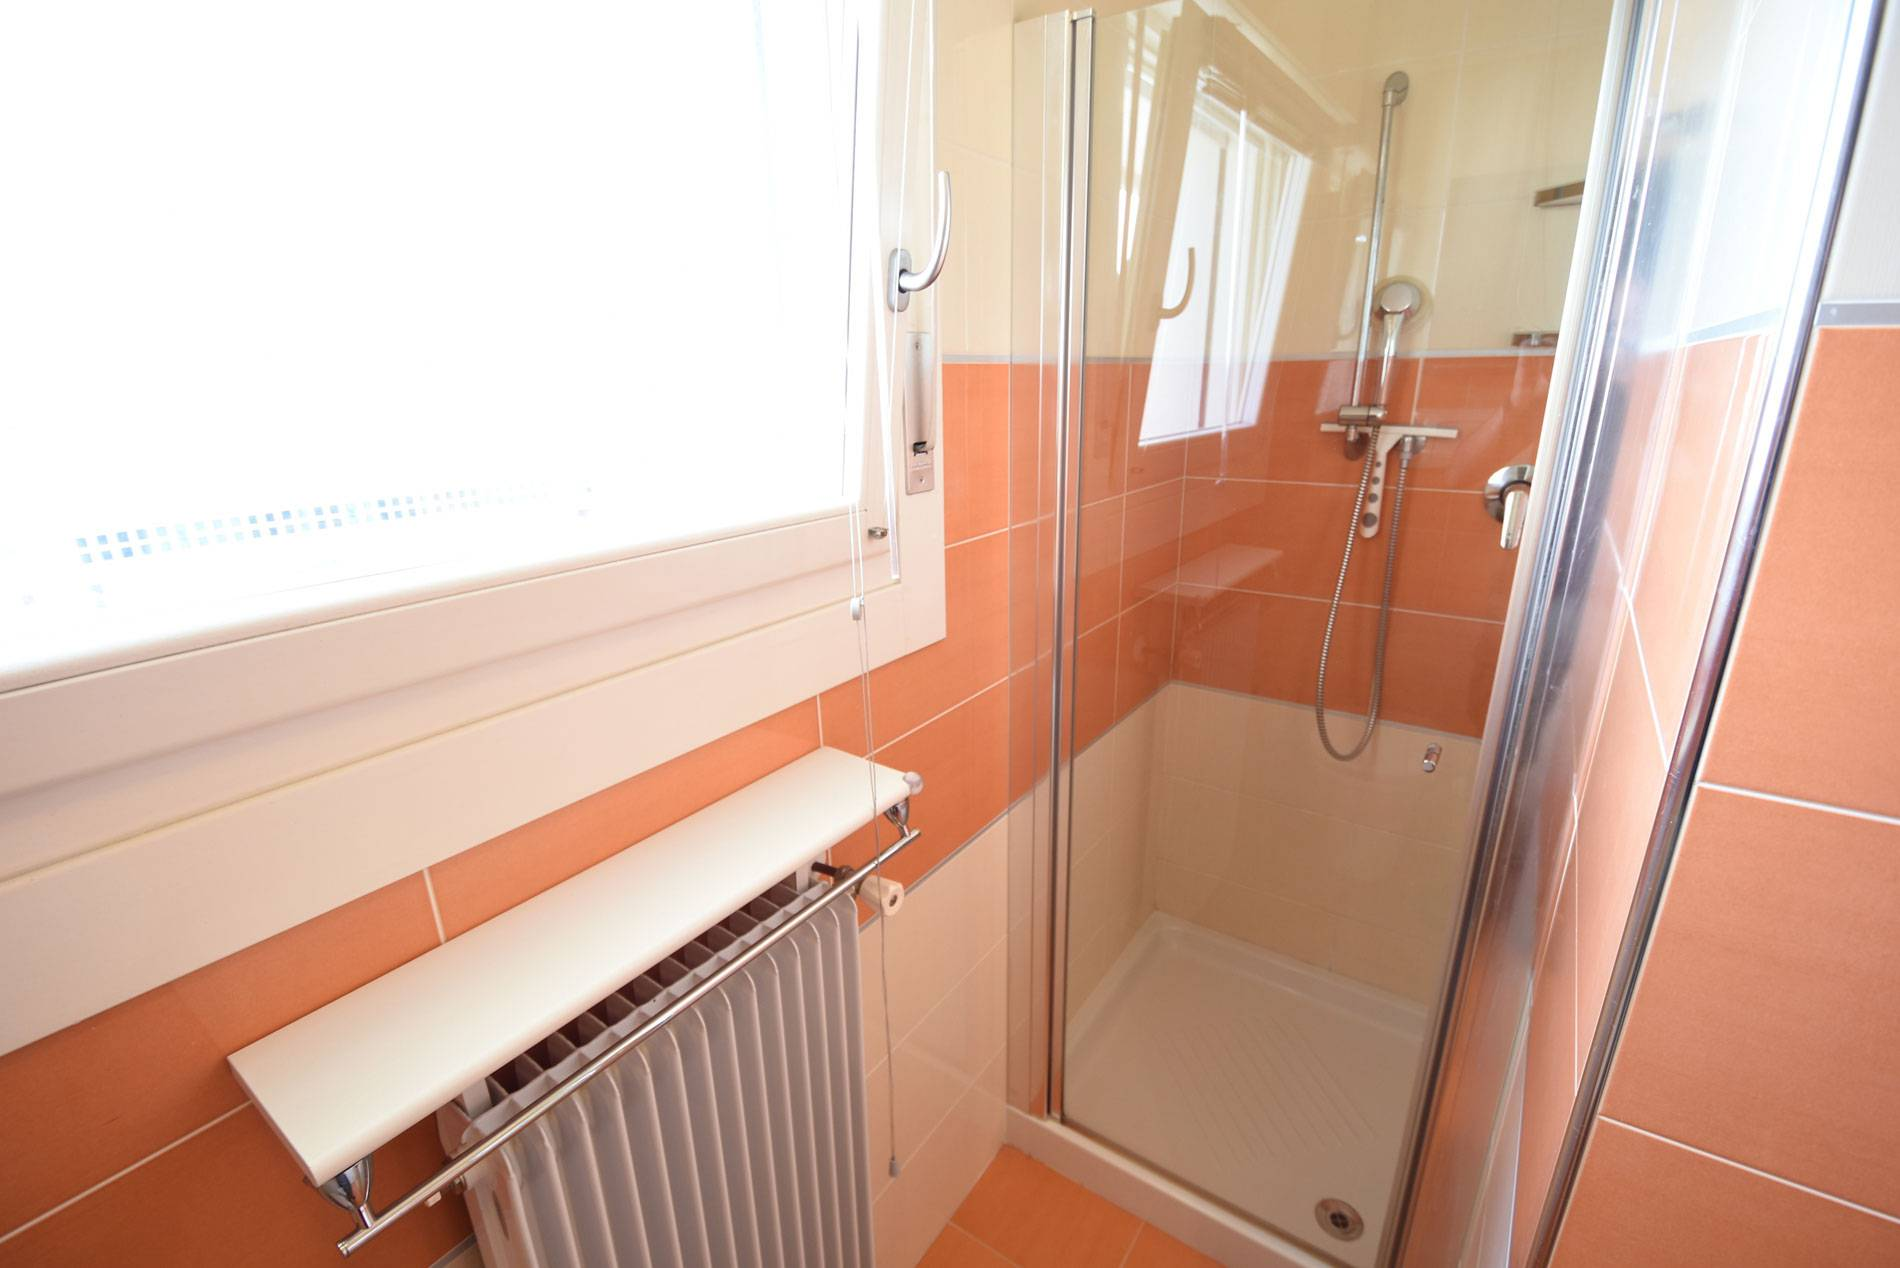 box-doccia-appartamento-1825870843